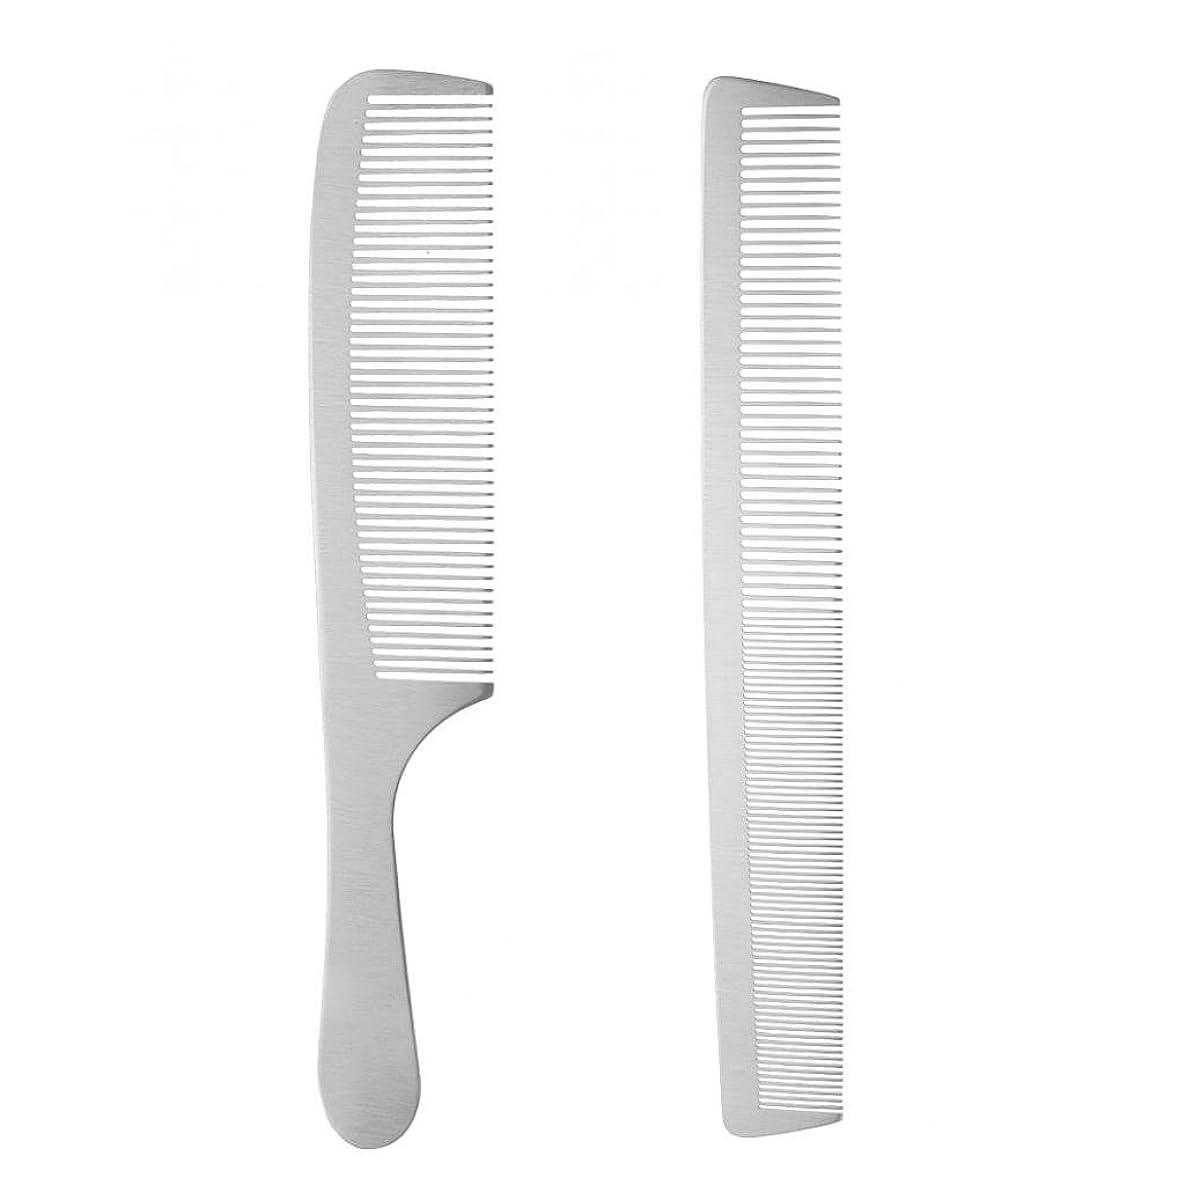 クリエイティブ雷雨削除するHomyl 2個 ヘアカットコーム 櫛 ヘアブラシ ヘアスタイリング ステンレス鋼 サロン 理髪師 カッティング プロ 高品質